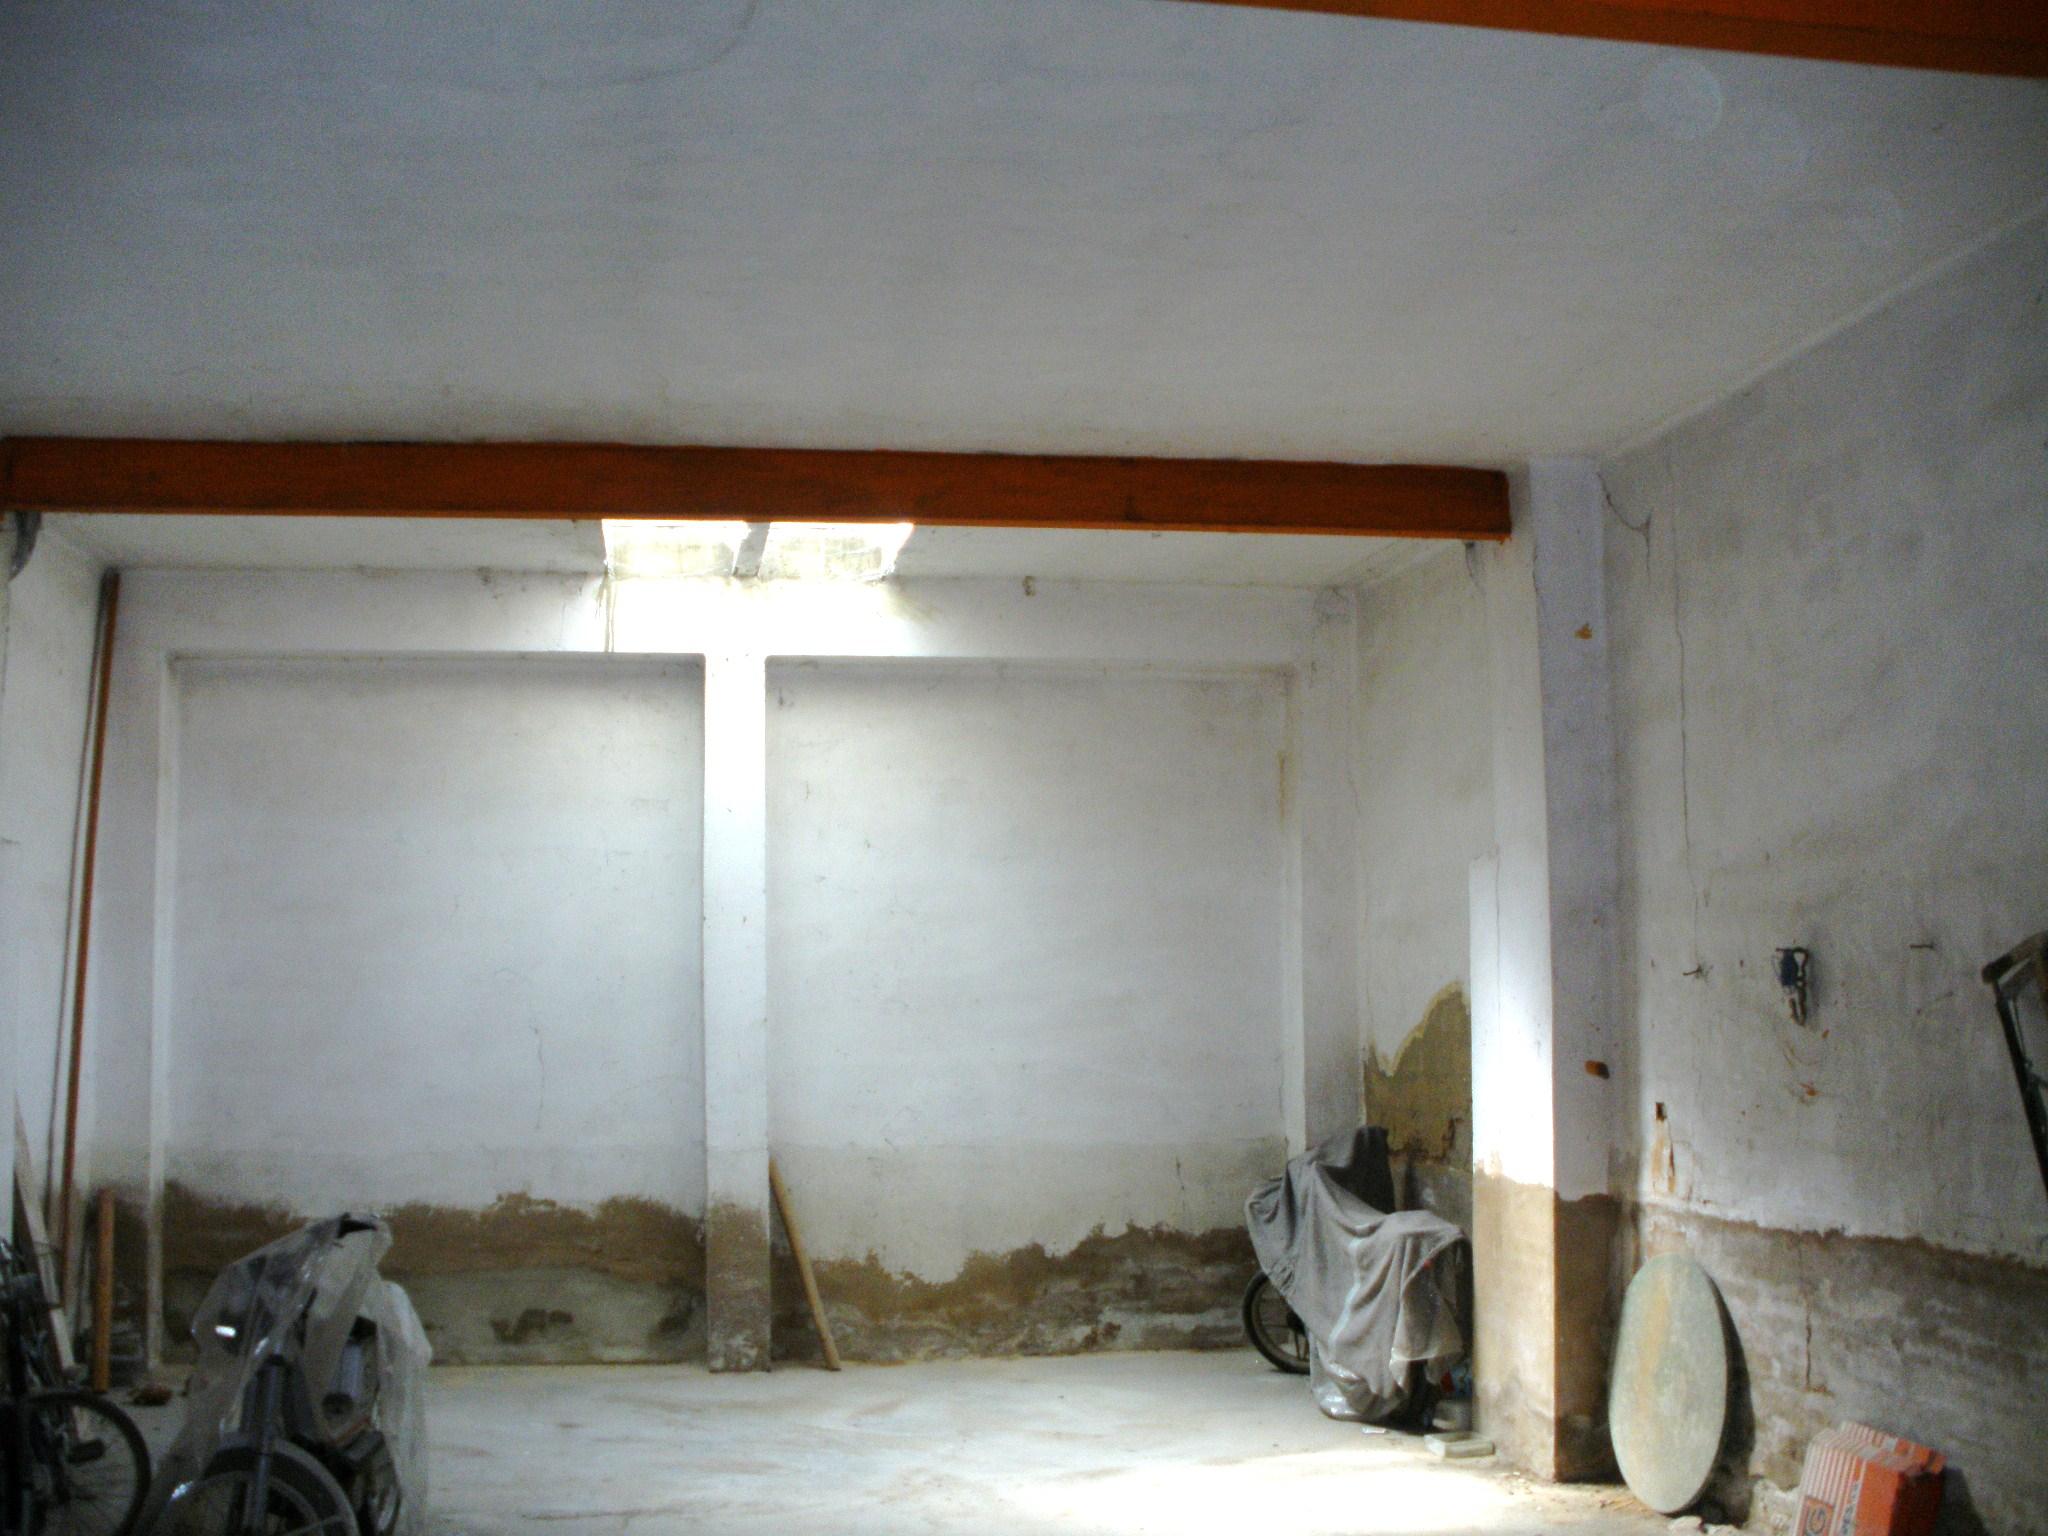 REF: 02011479/ Local en alquiler en Paiporta